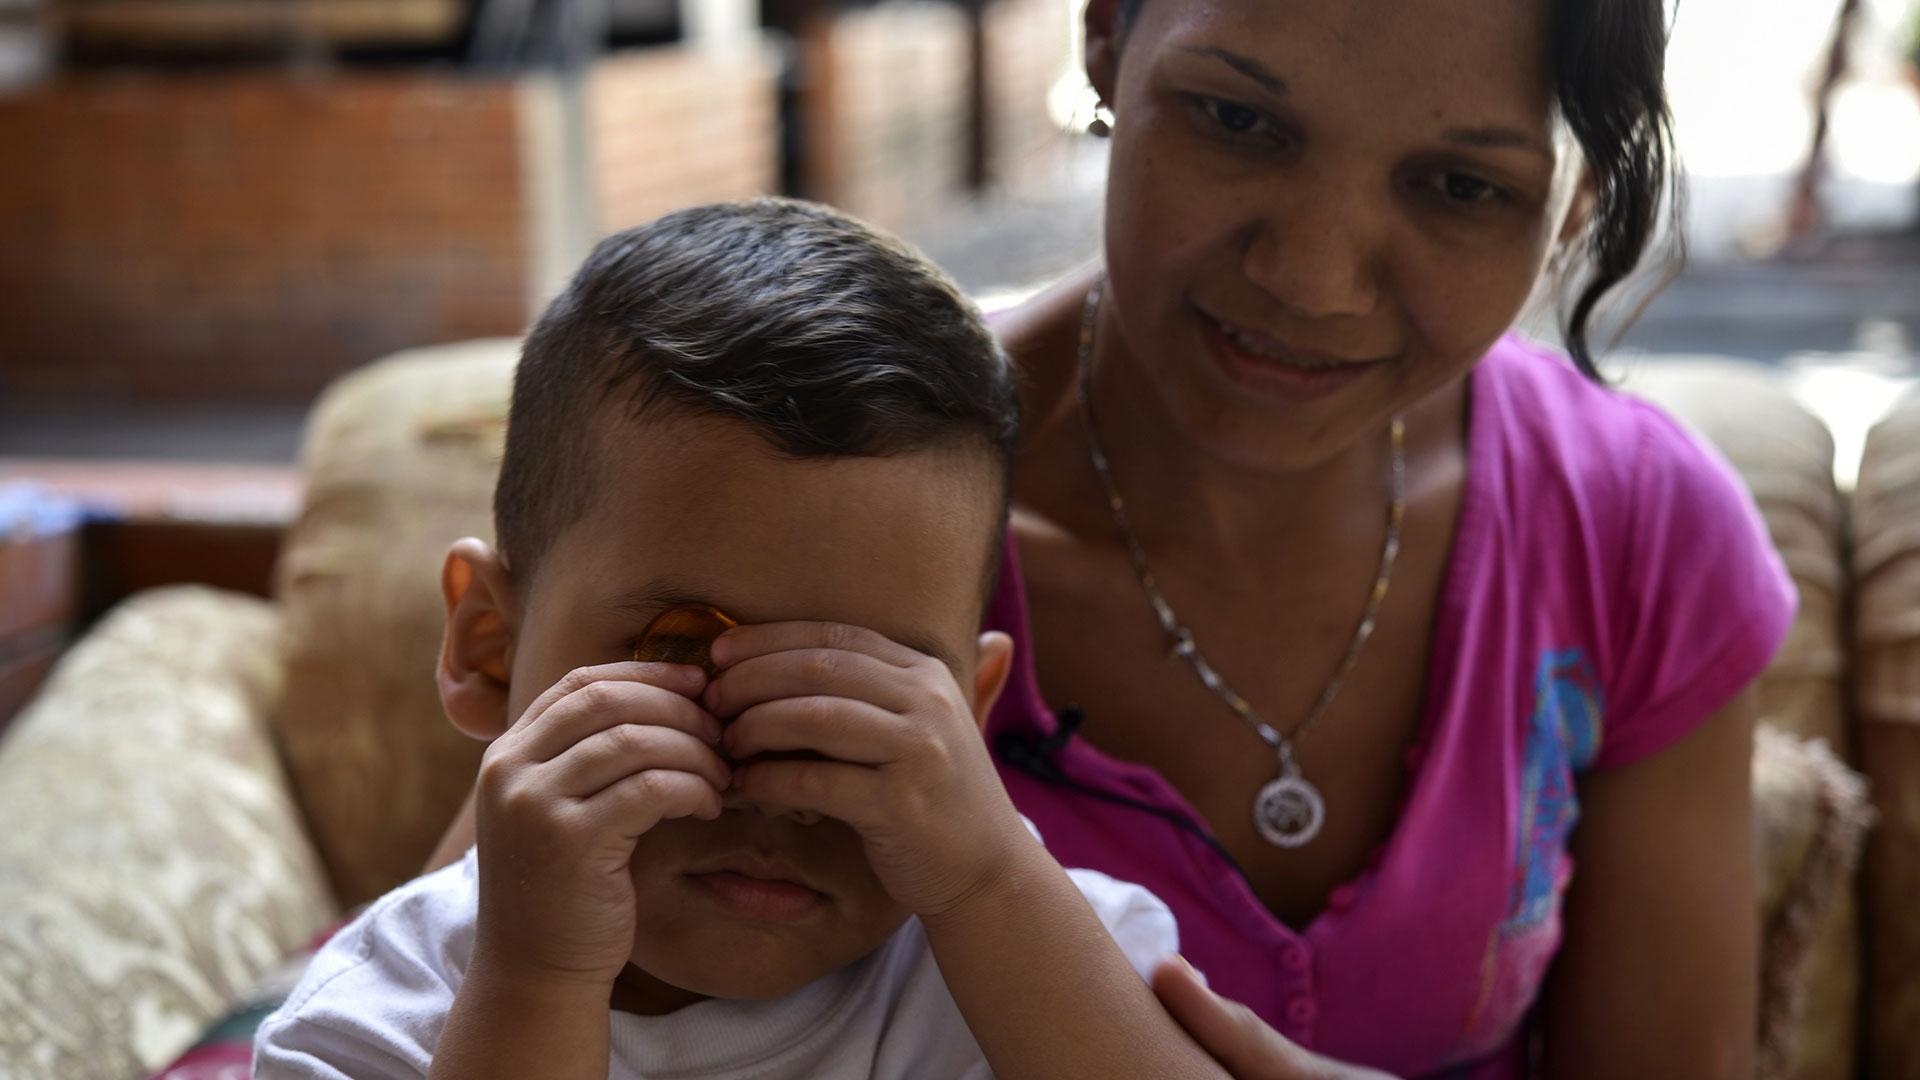 Un estudio de la organización católica Cáritas, de noviembre de 2018, estableció que un 57% de 4.103 menores de 5 años evaluados tenía algún tipo de desnutrición y 7,3% desnutrición severa (AFP)